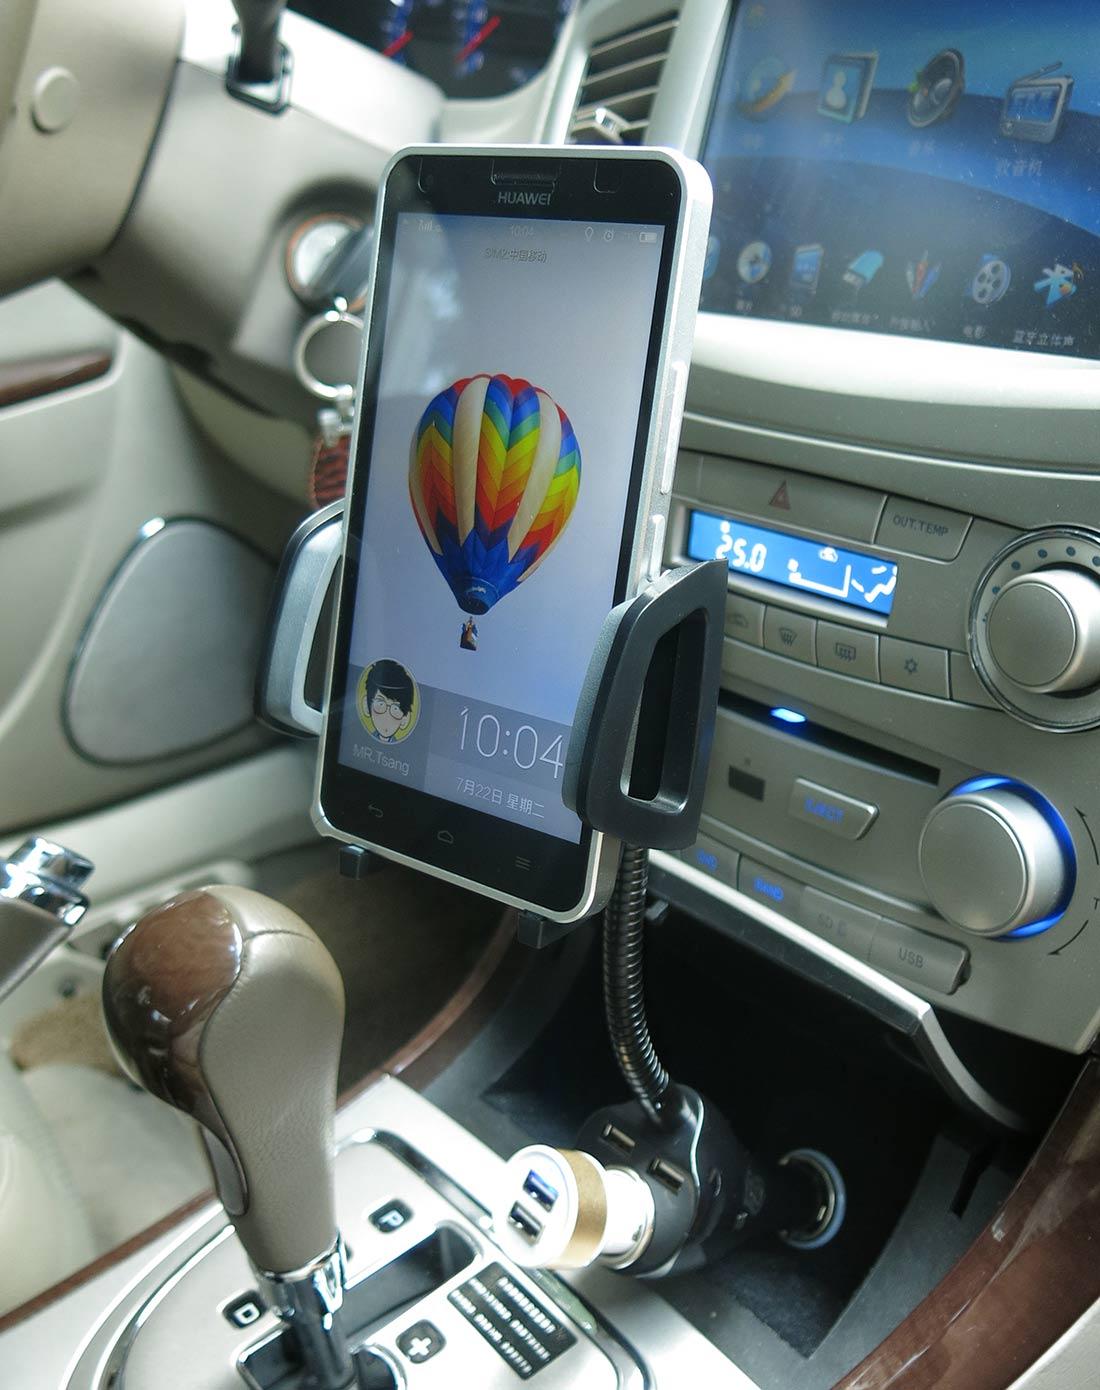 双usb车充 360度旋转手机支架